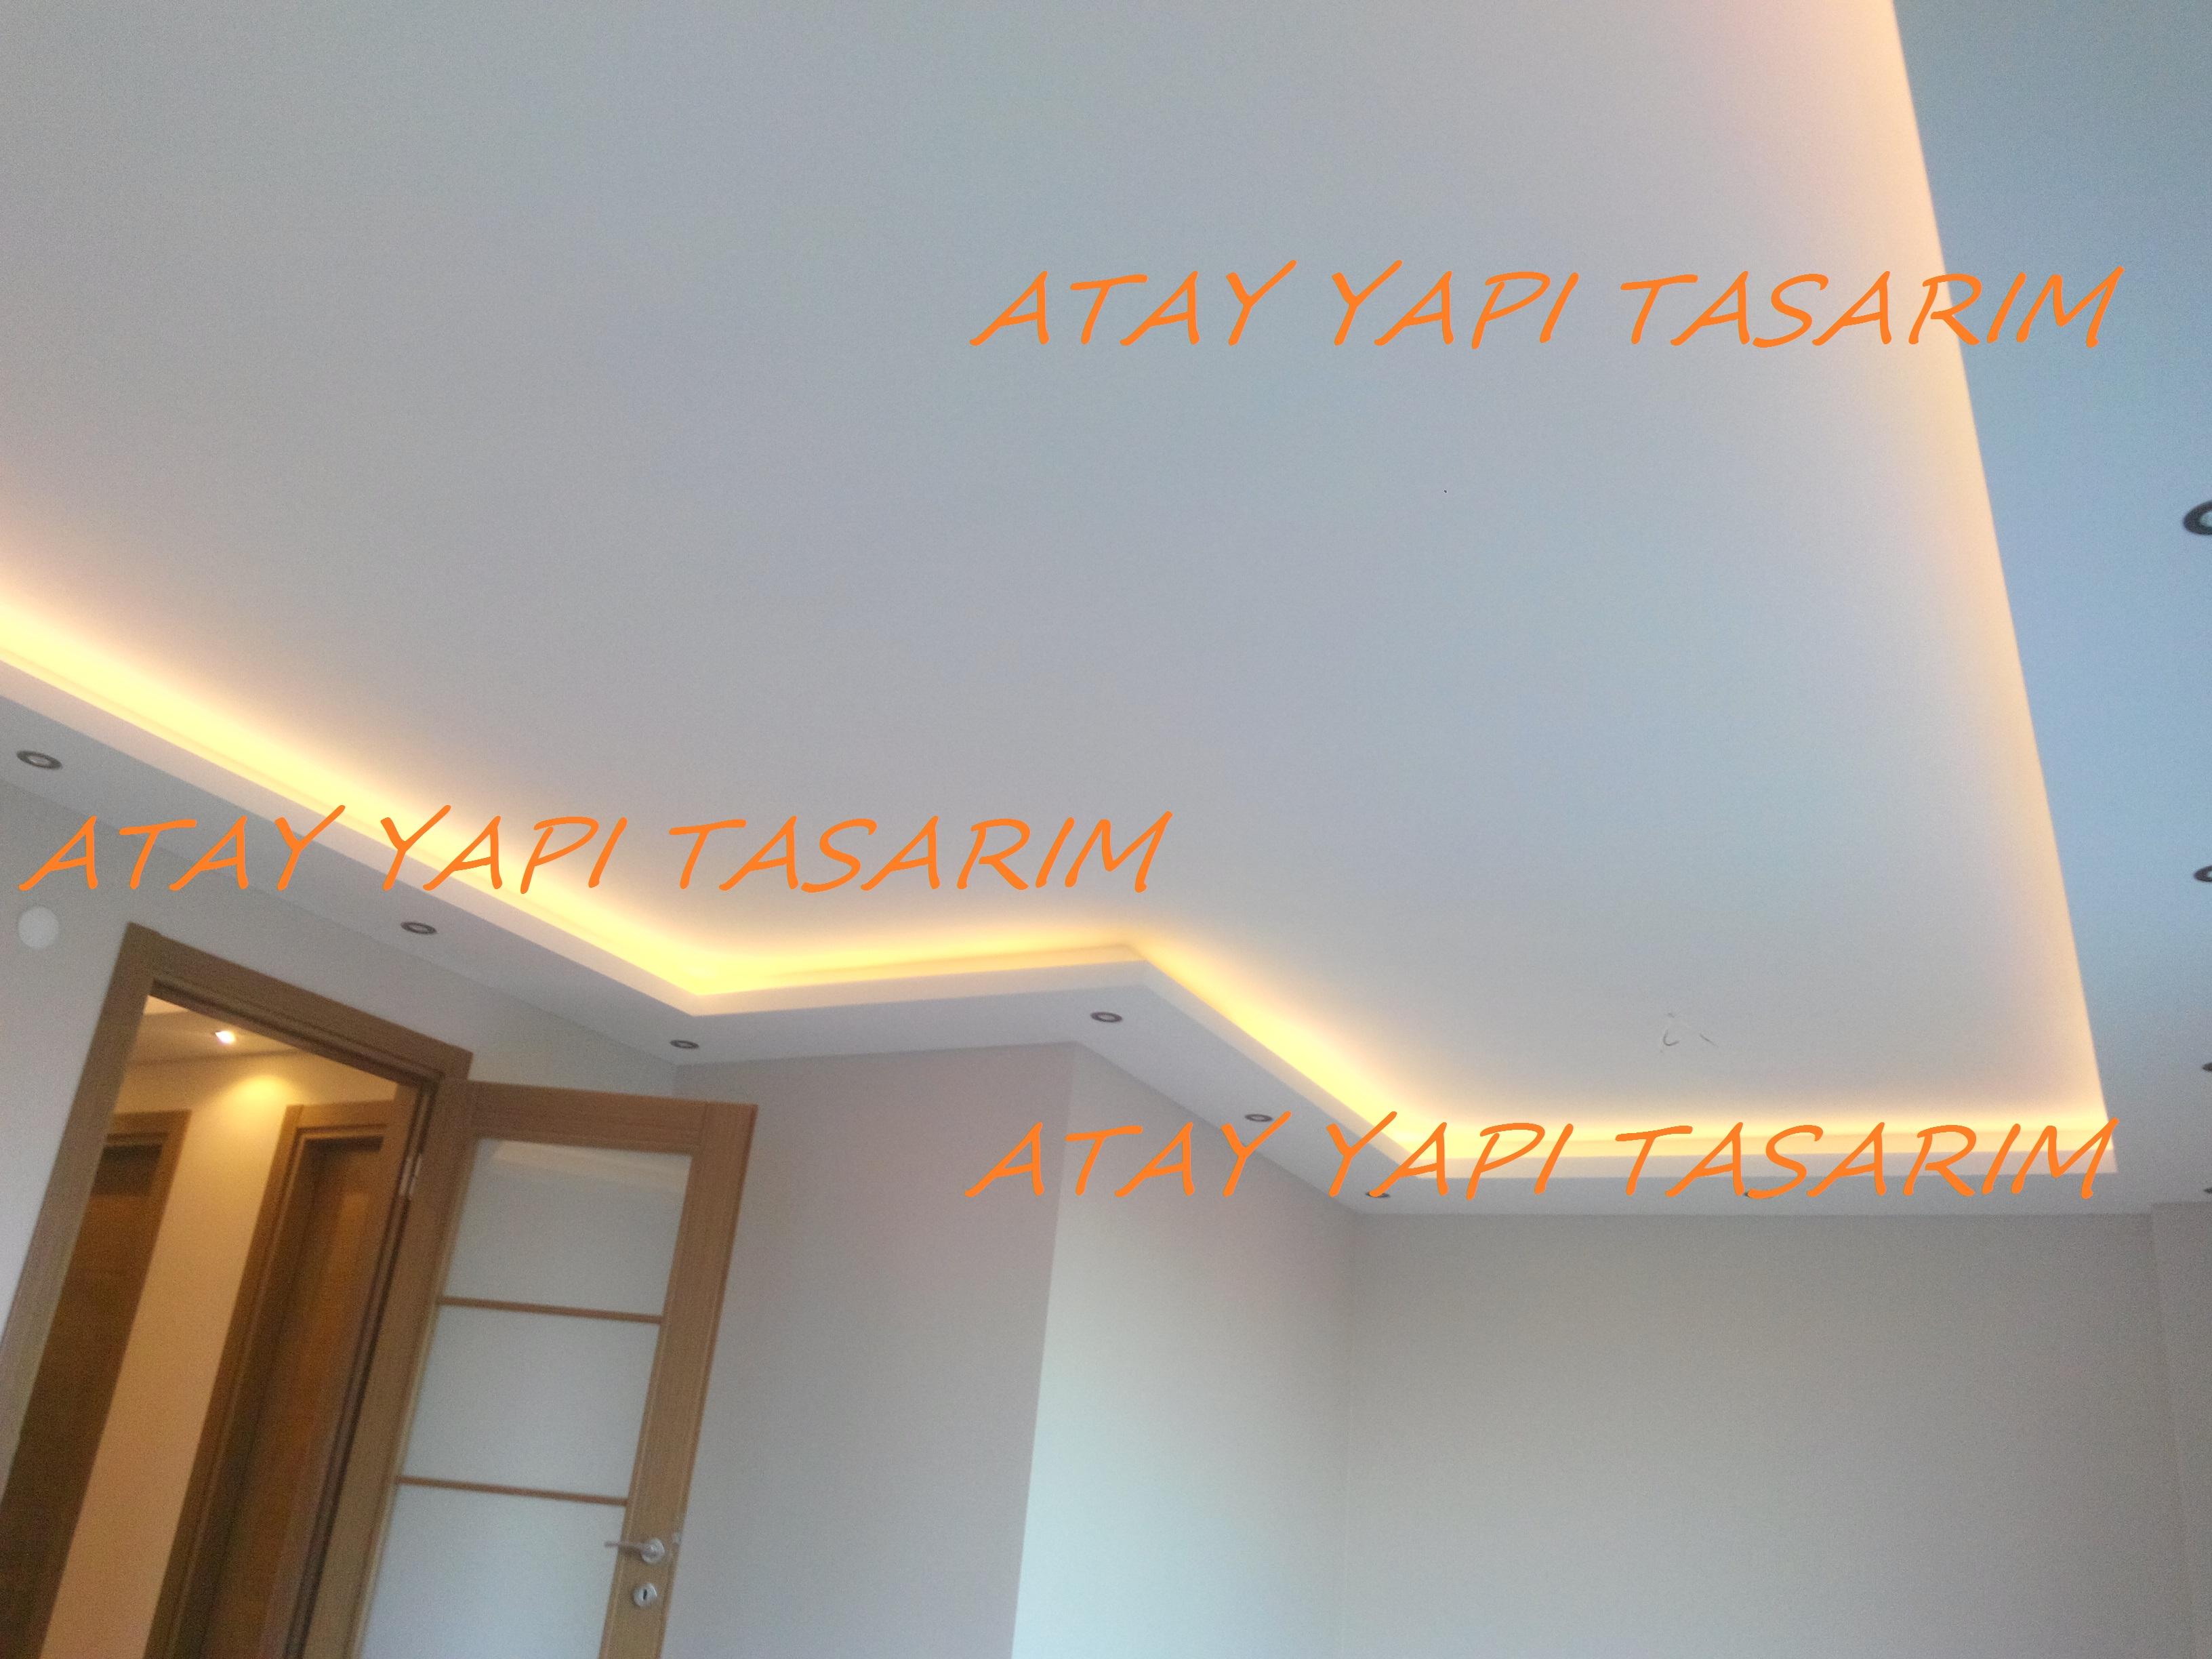 Asma tavan,modelleri,kartonpiyer,detayları,örnekleri,resimleri,çeşitleri,çizimleri,gizli ışıklı ,aydınlatmalı,dekorasyon,mimar,salon,oturma odası,mutfak,antre,ofis,özel (4)